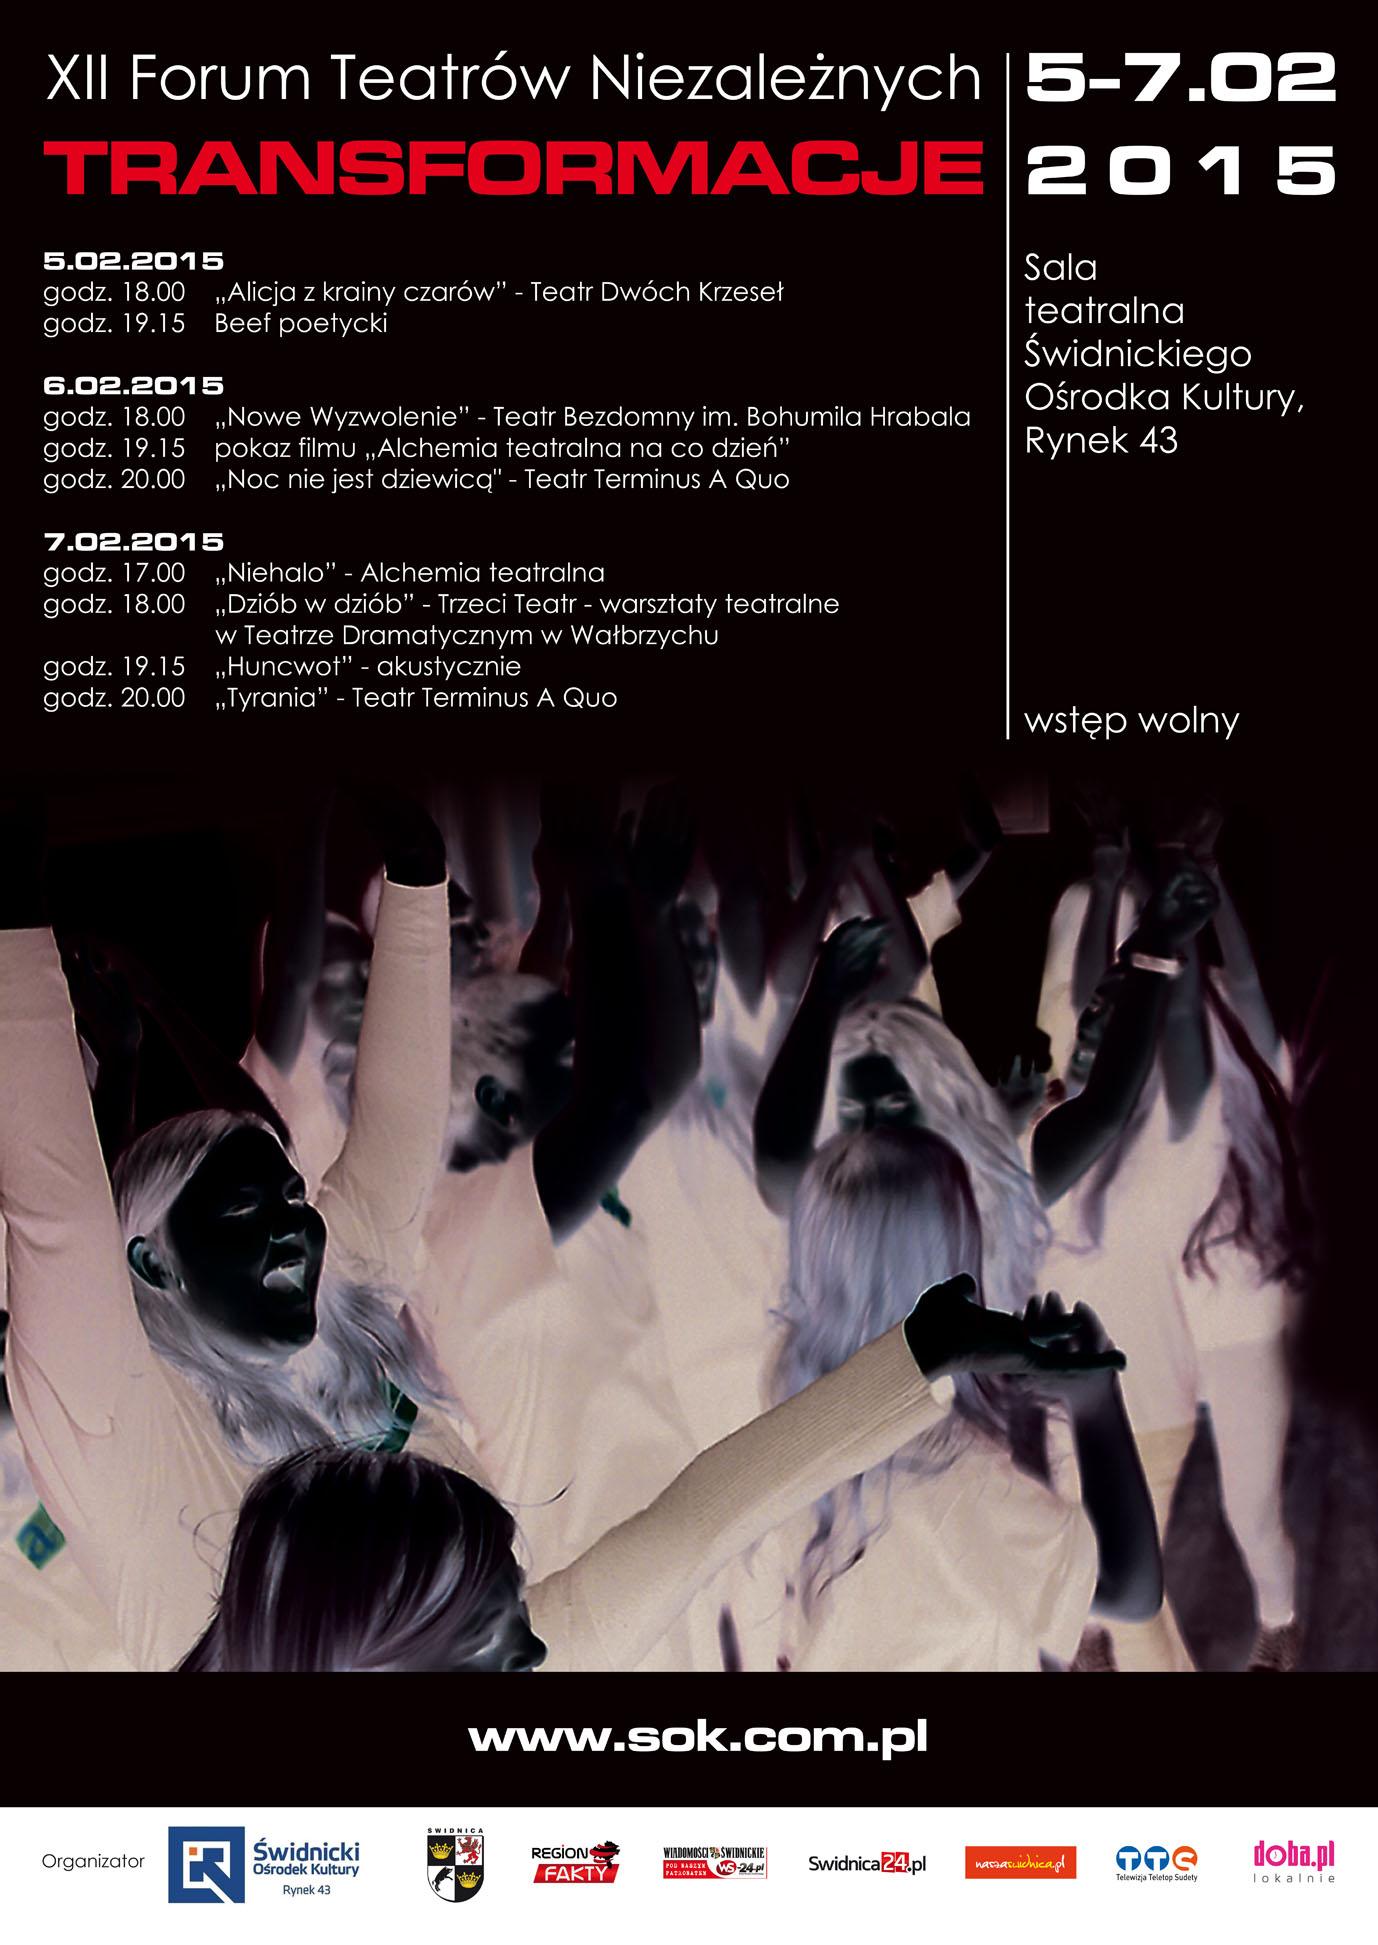 Transformacje: XII Forum Teatrów Niezależnych